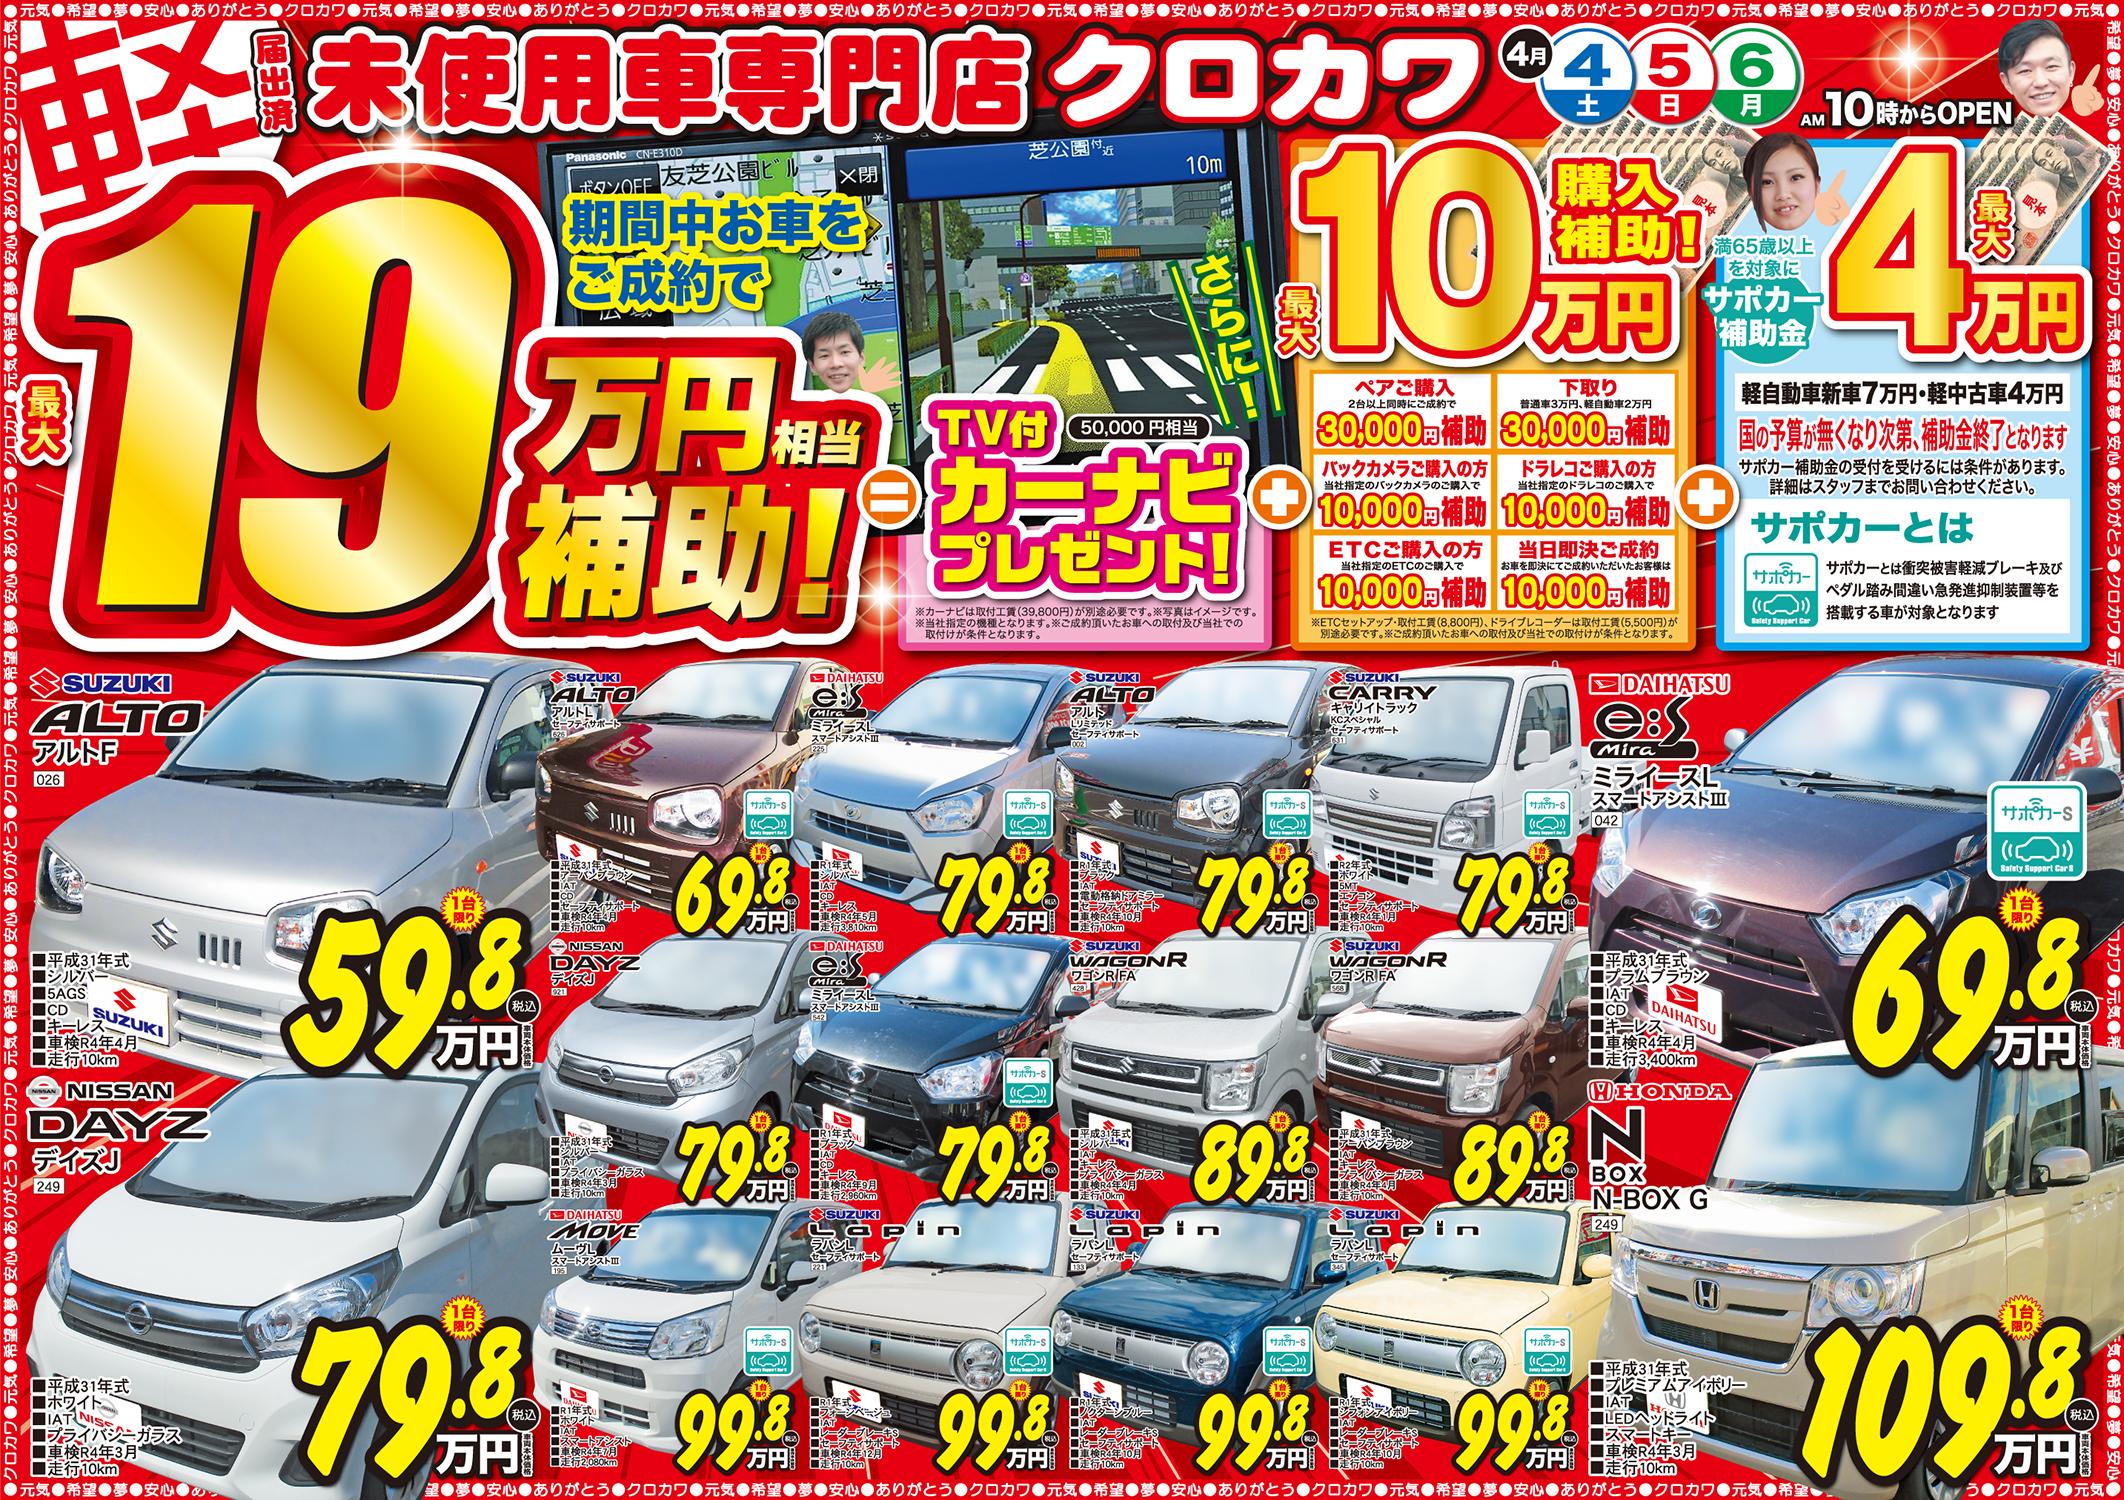 期間中お車ご成約で【最大19万円相当の補助】